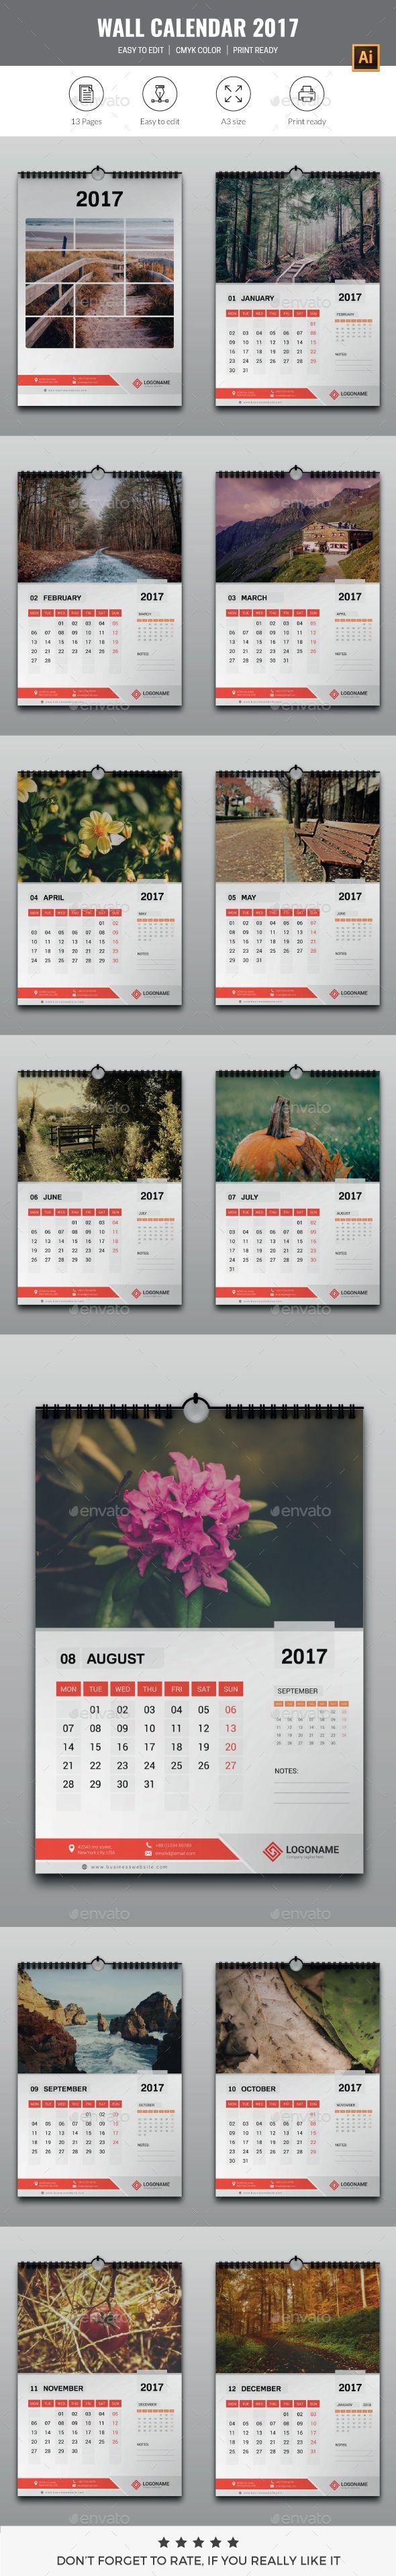 Wall+Calendar+2017